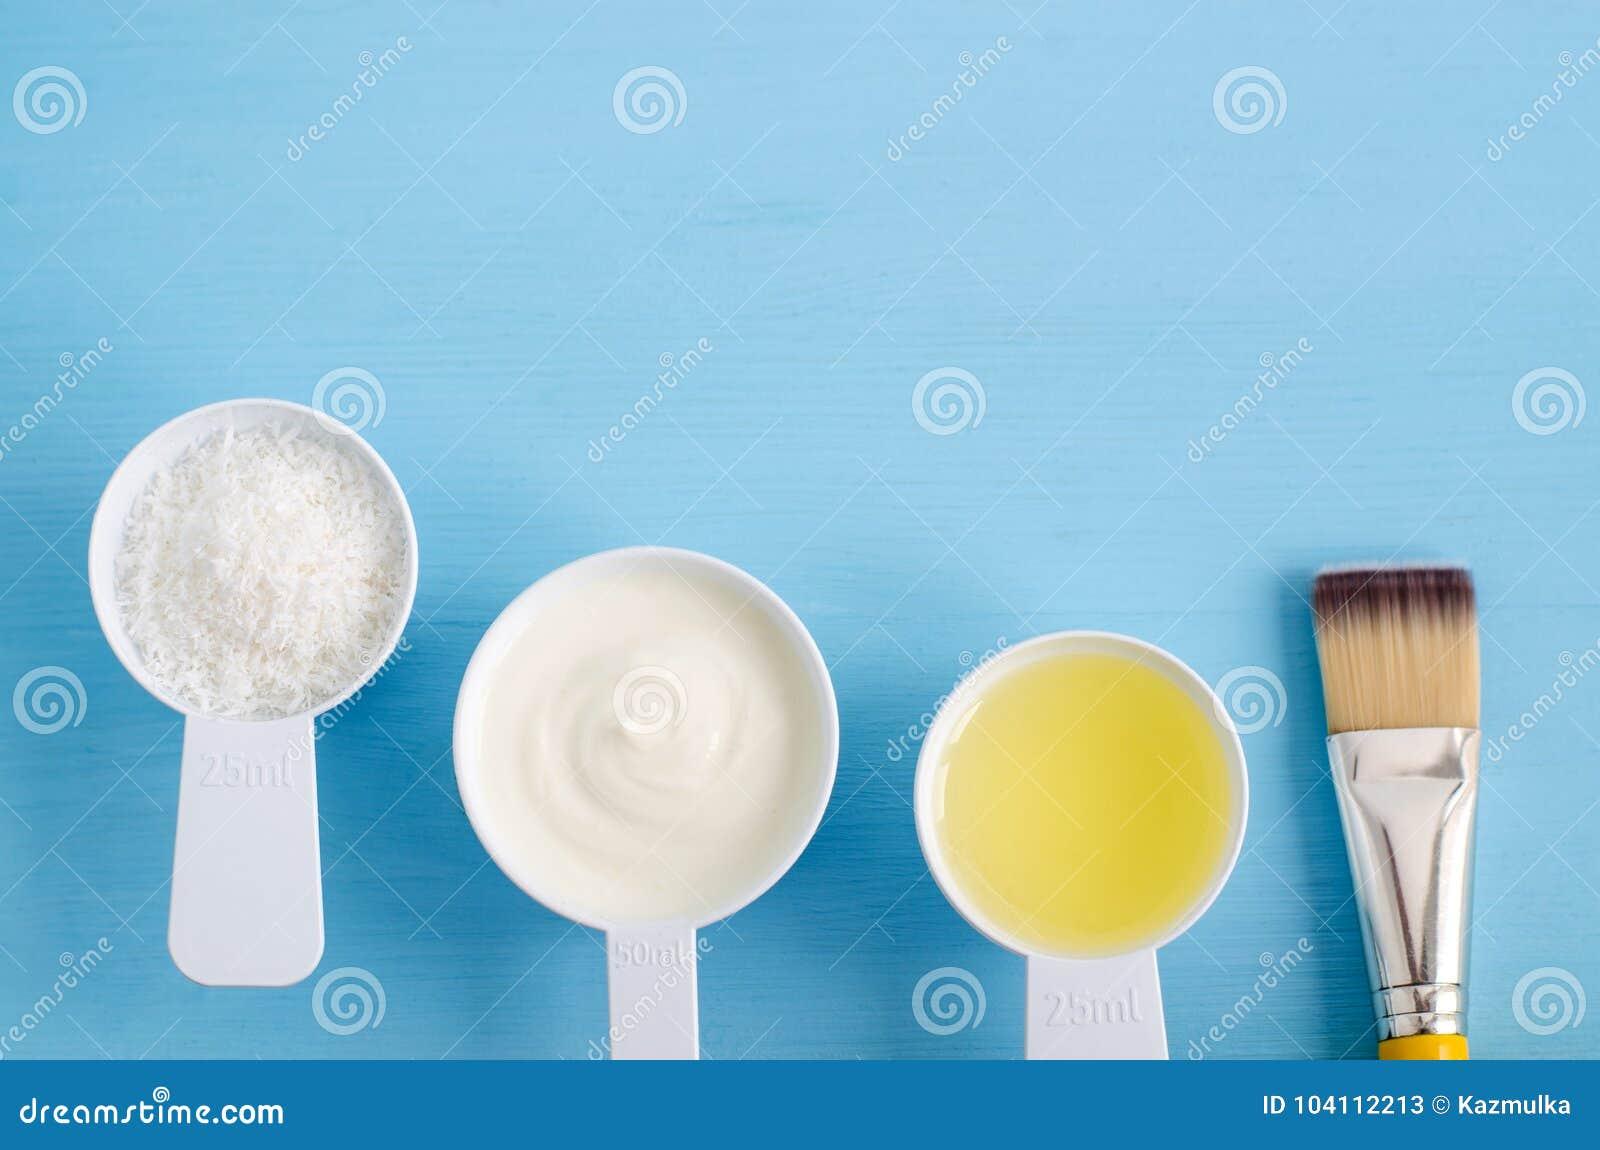 Югурт сметаны греческий, shredded кокос и оливковое масло в малые ветроуловители Ингридиенты для подготавливать diy маски, scrubs